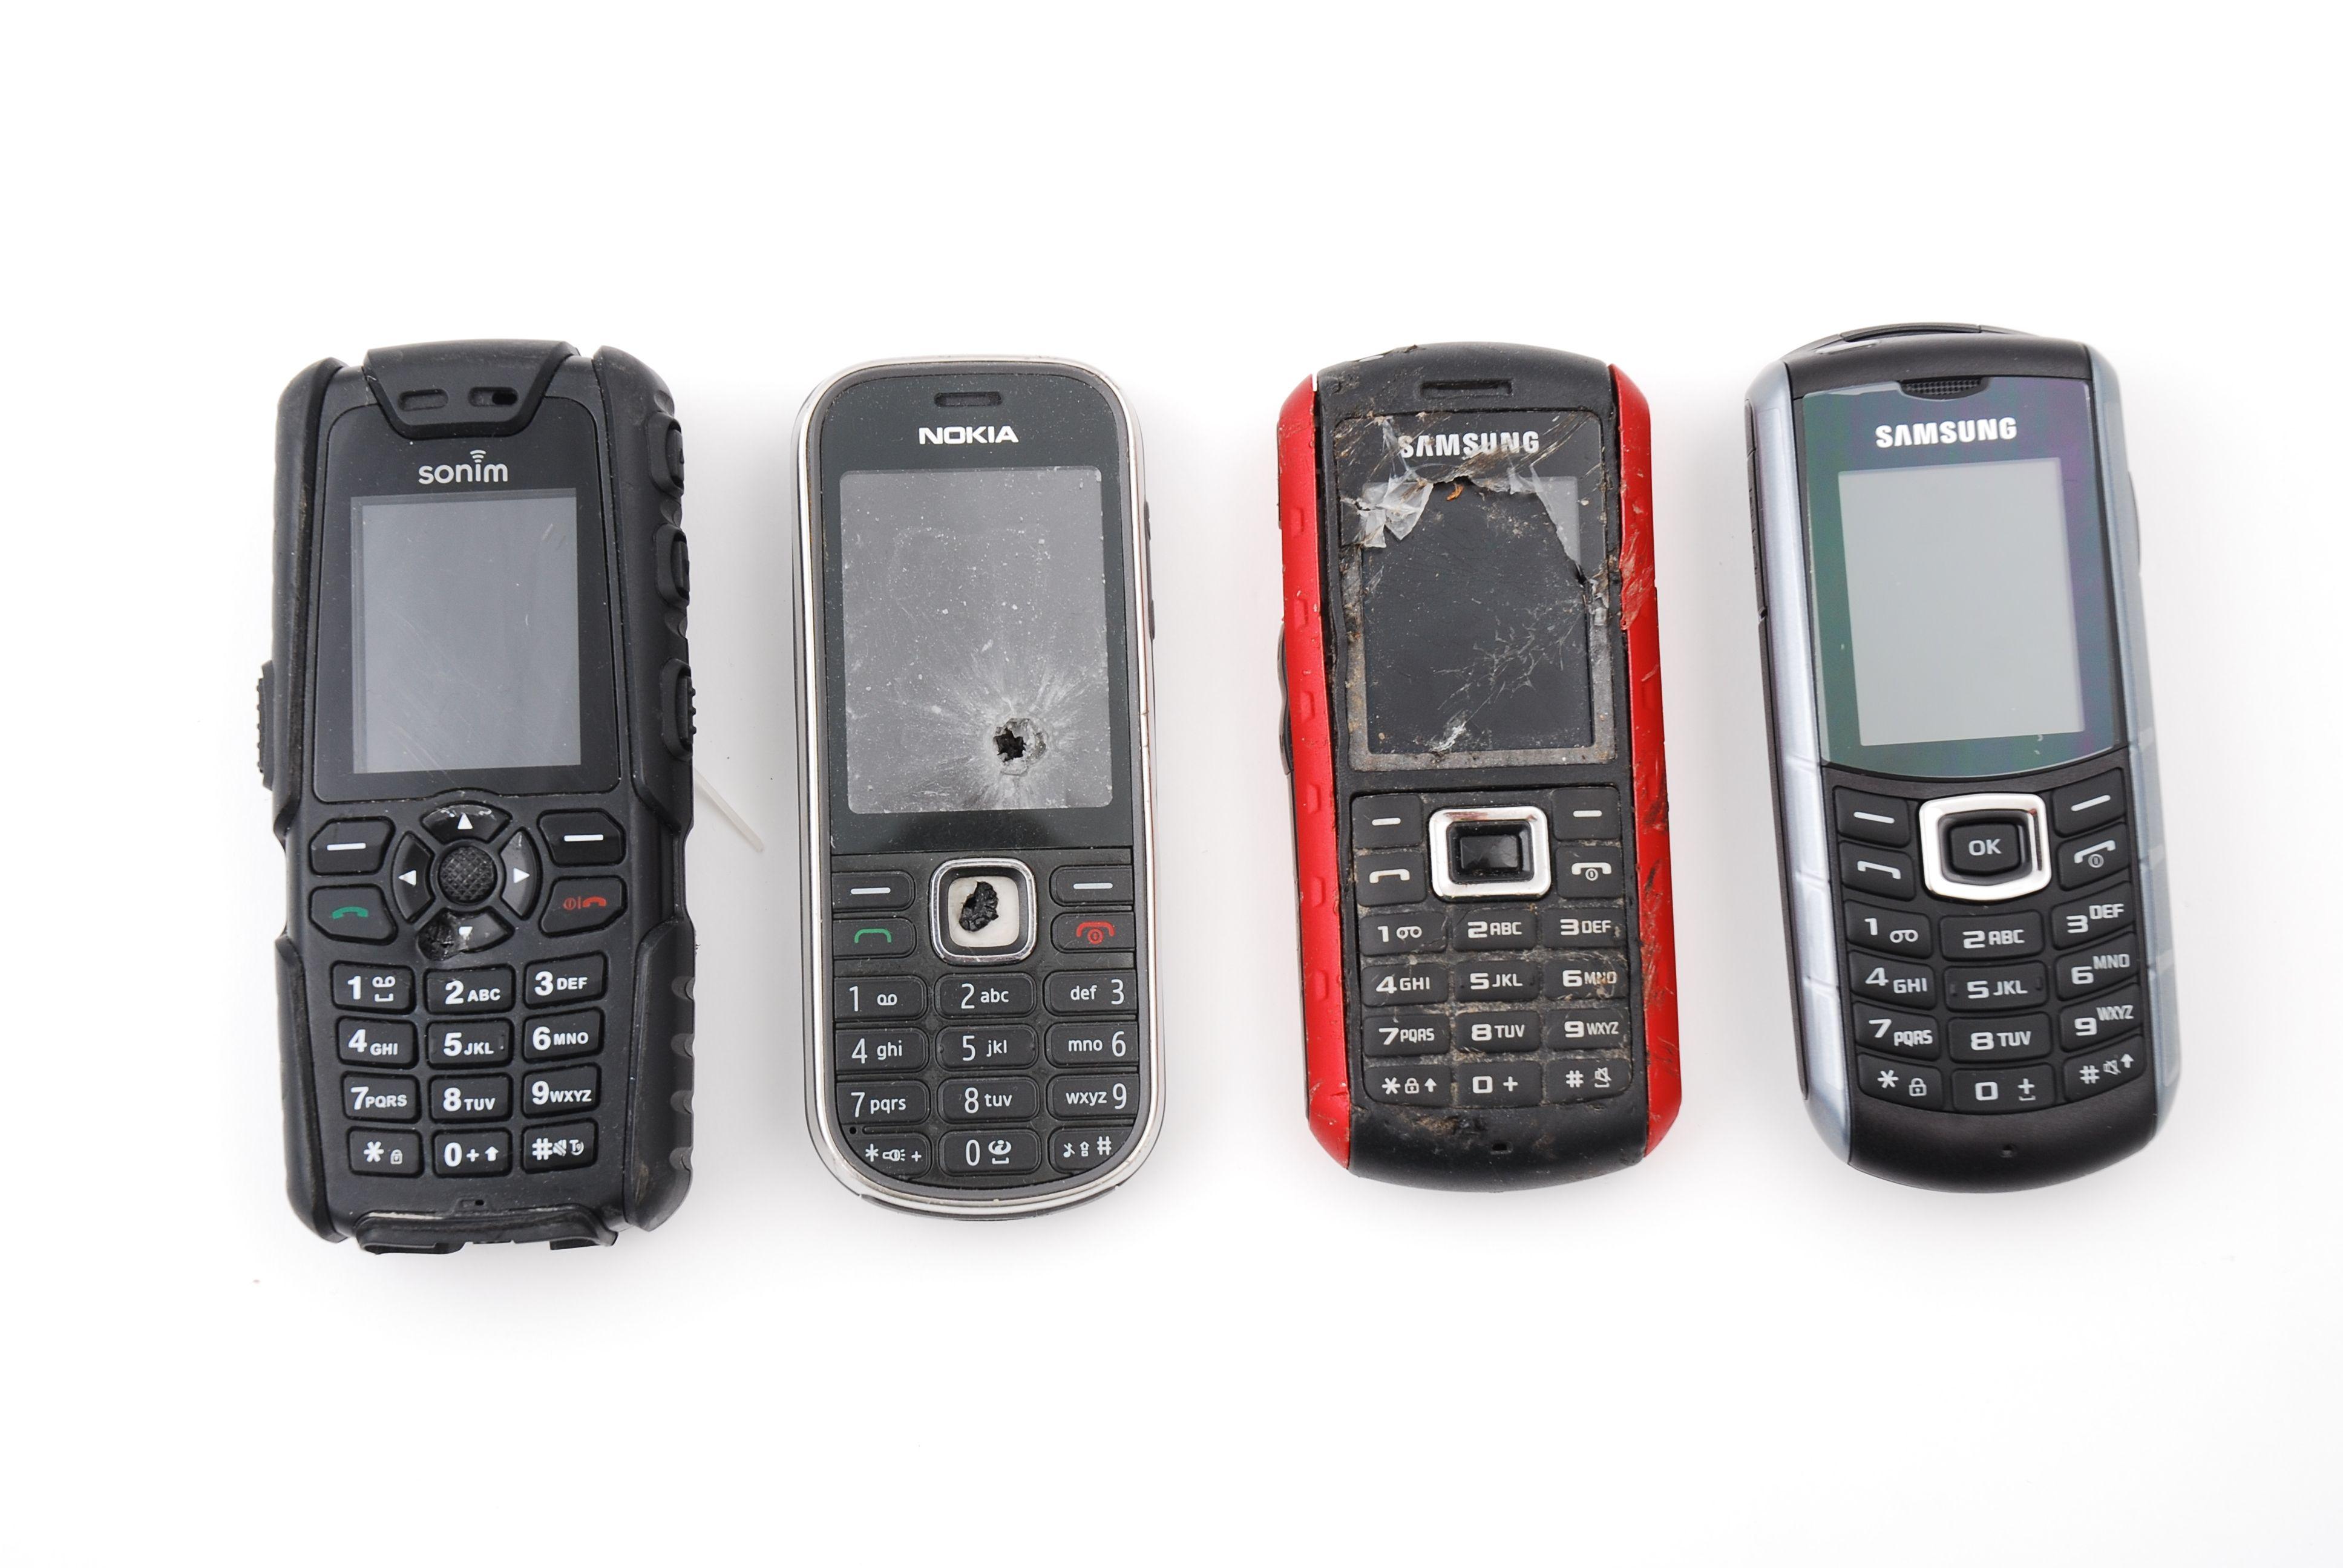 E2370 til høyre på bildet er på størrelse med andre robuste telefoner.